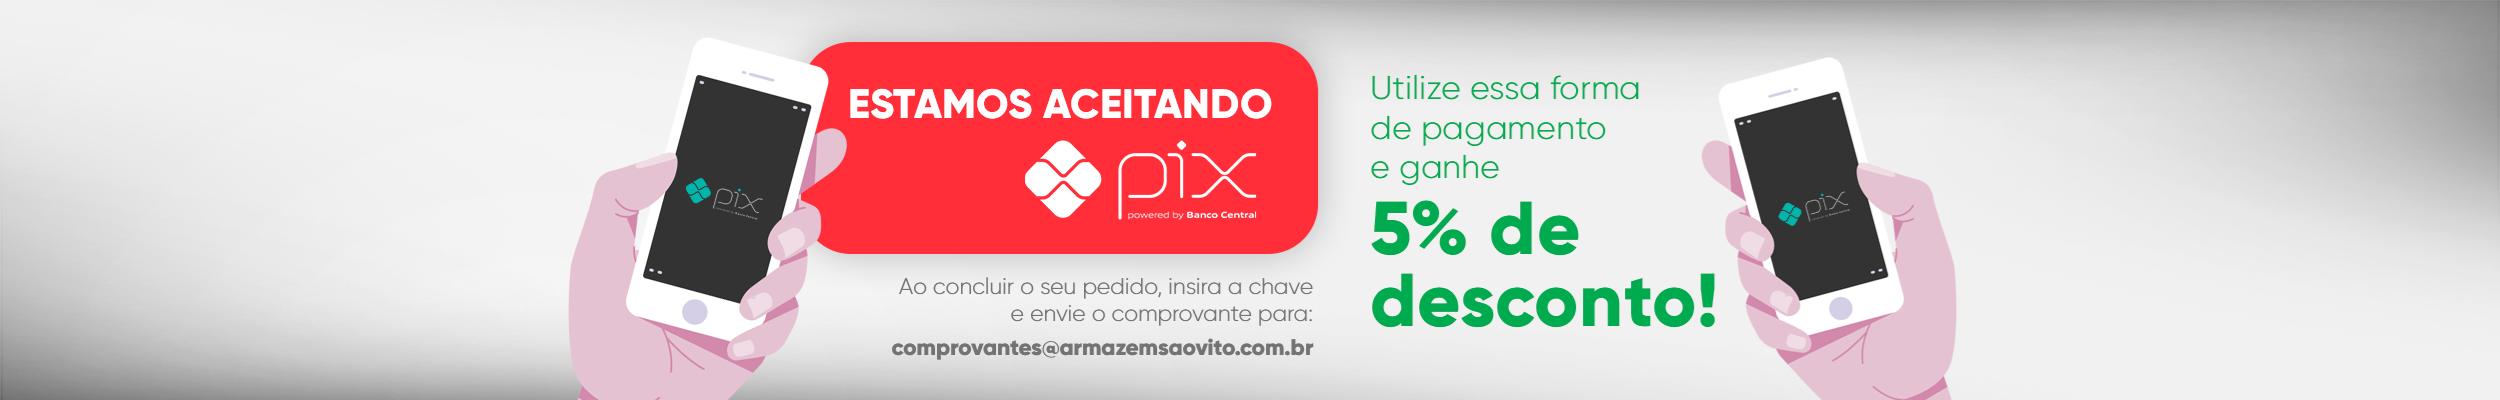 Pagamento com Pix